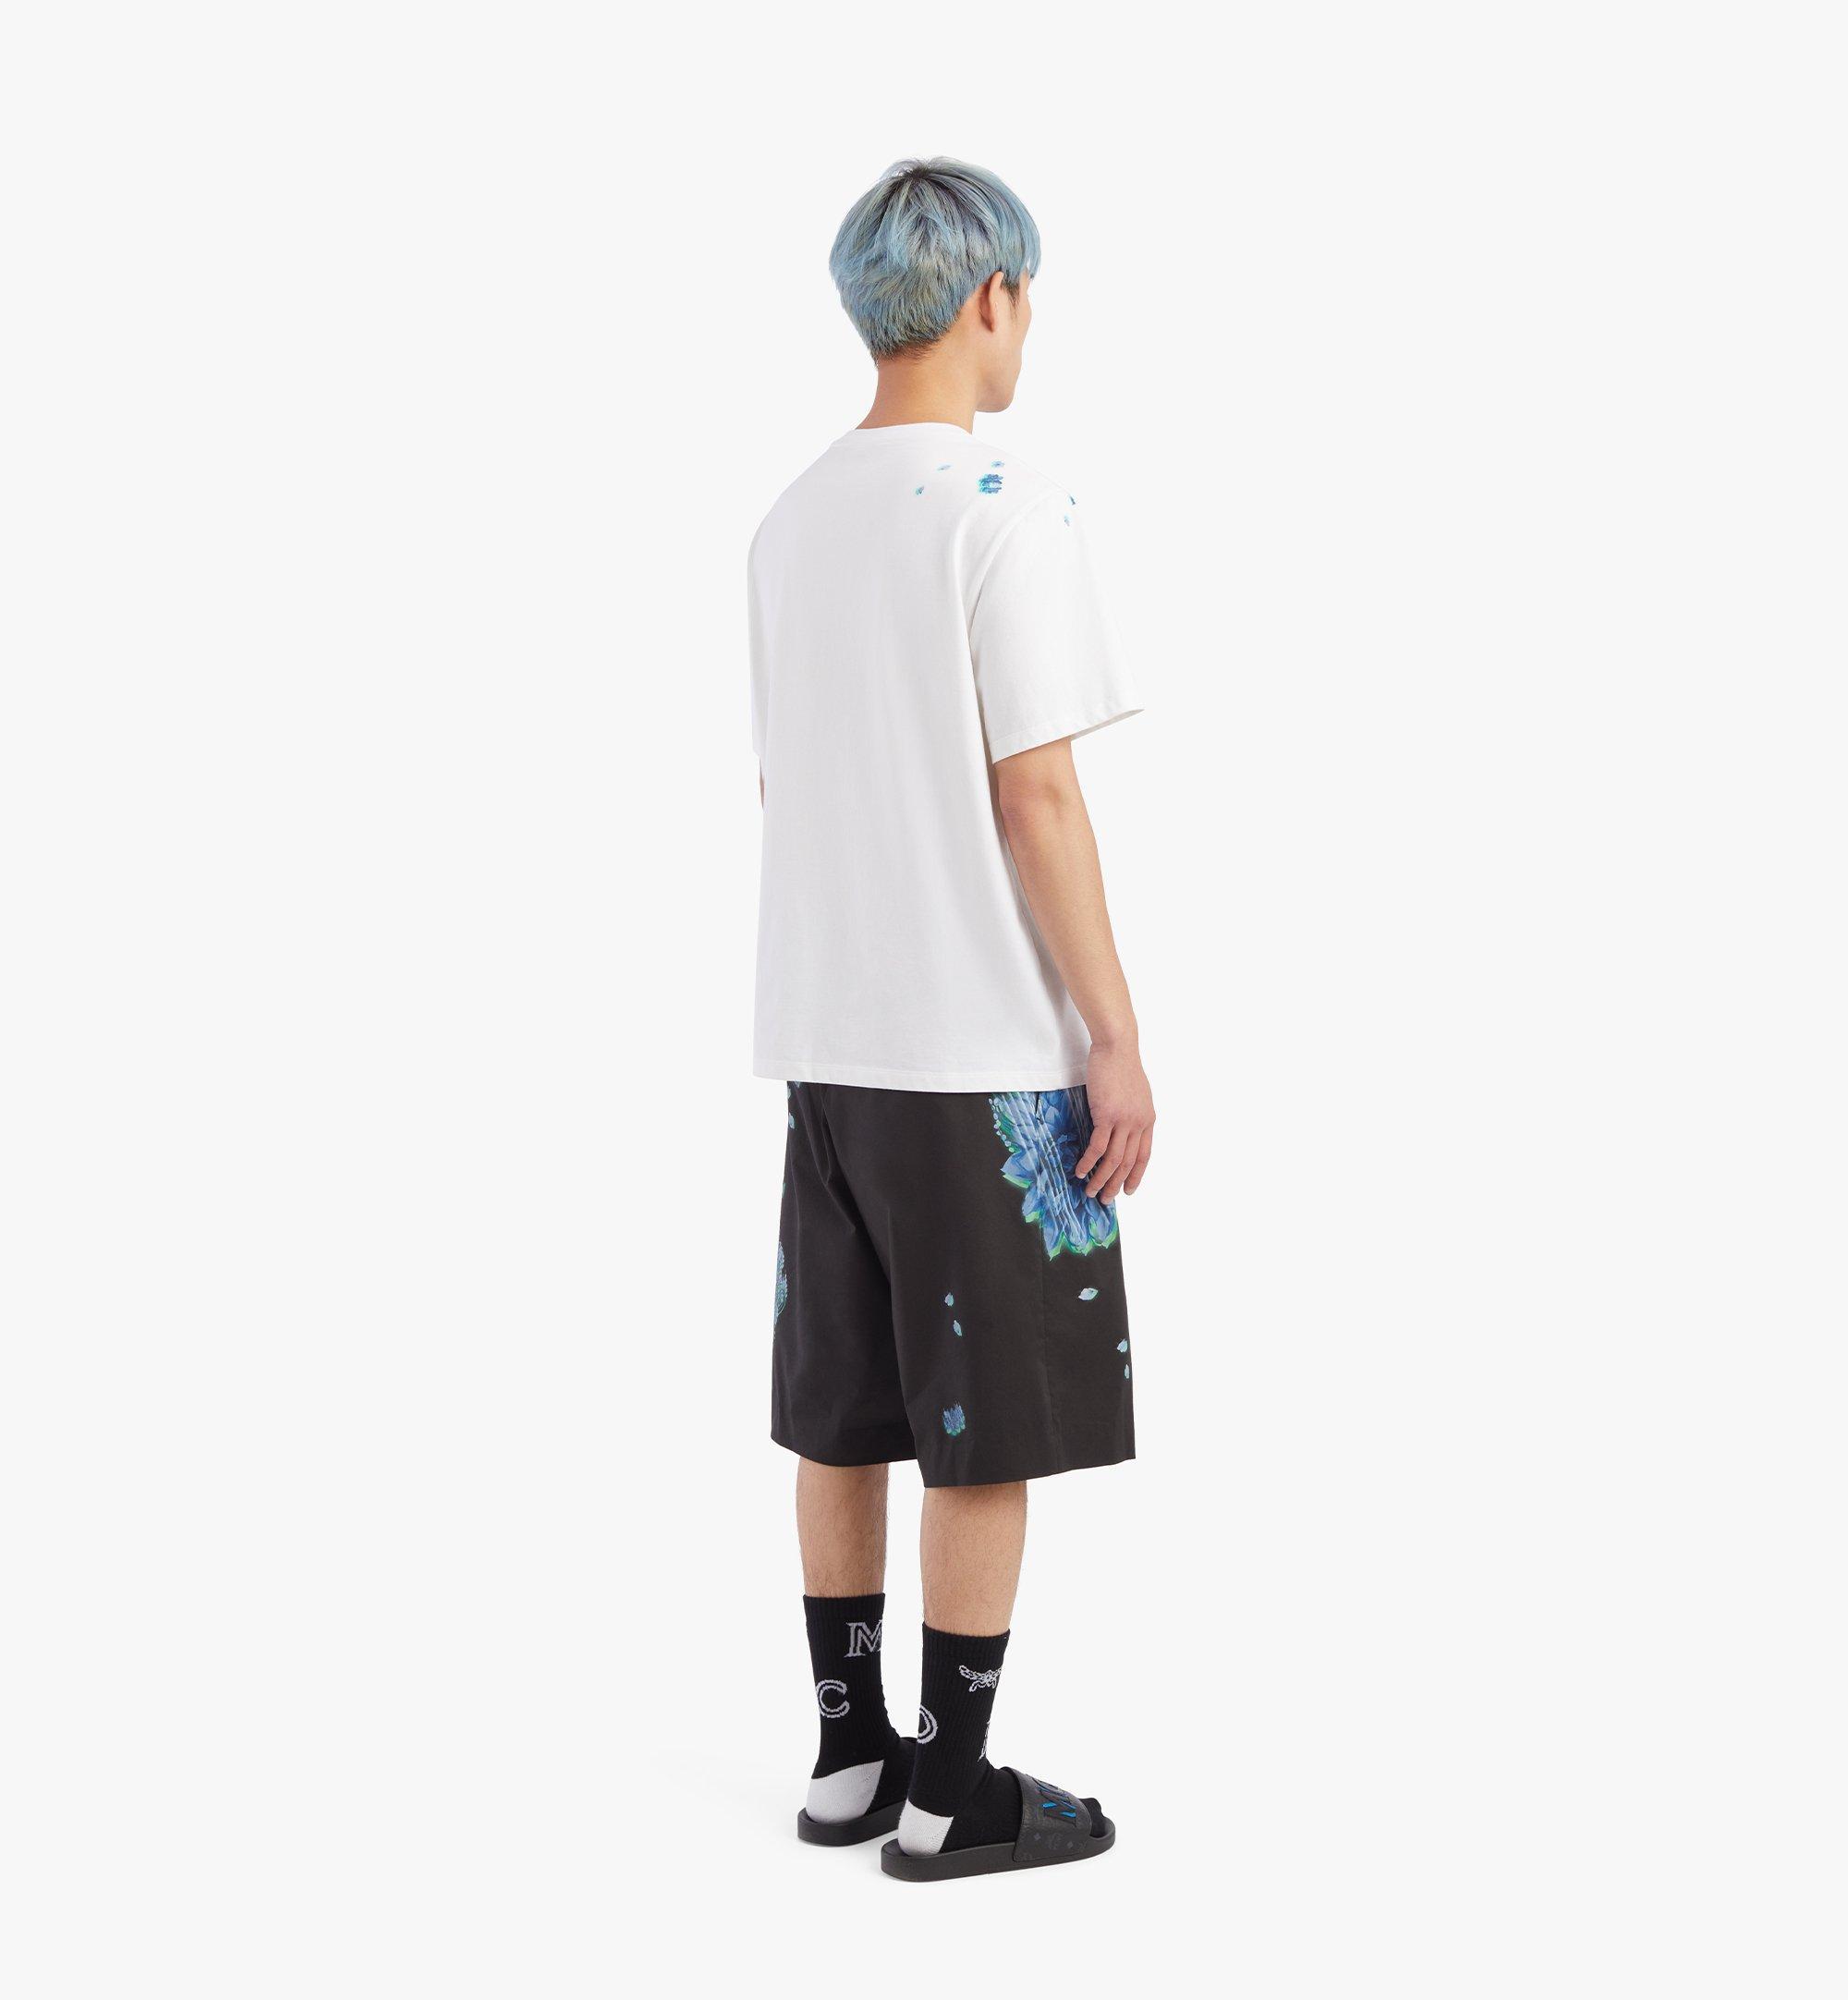 MCM เสื้อยืดพิมพ์ลาย Tech Flower สำหรับผู้ชาย White MHTBSMM07WT00M มุมมองอื่น 2